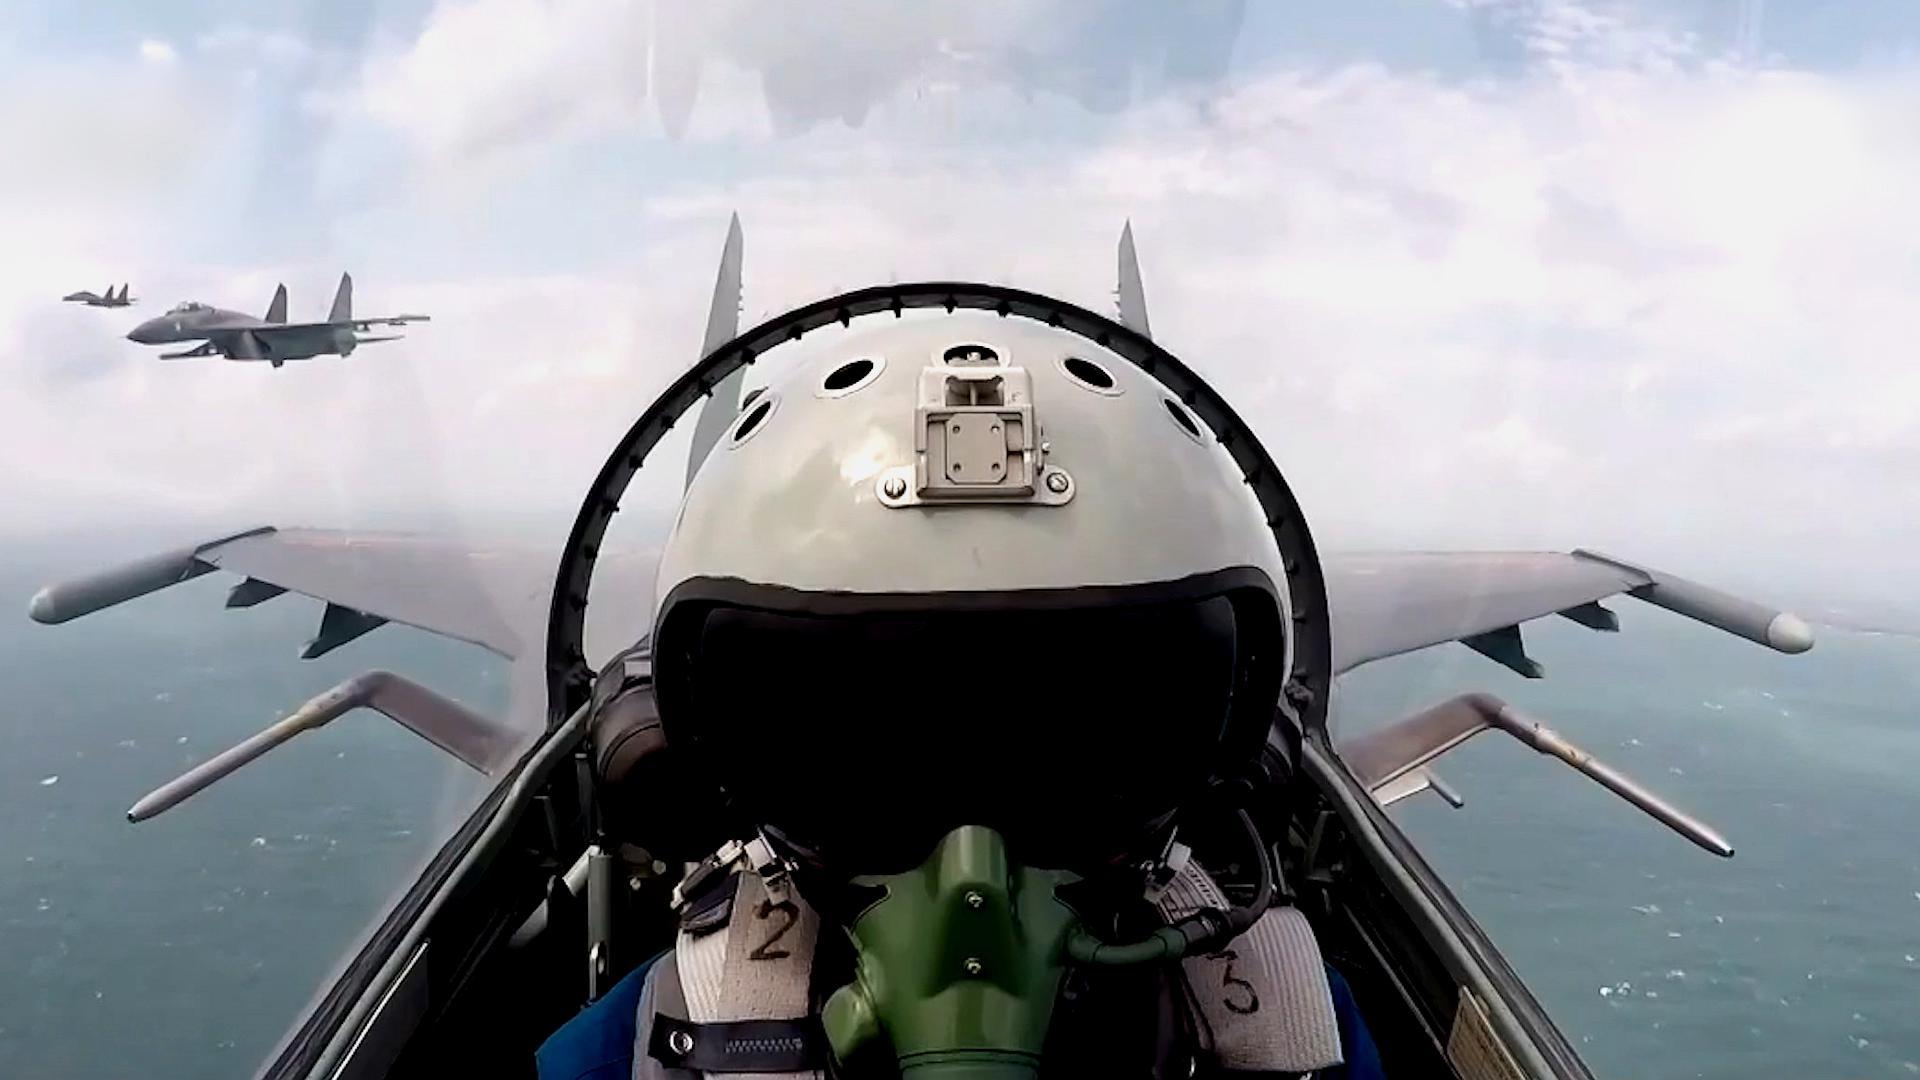 霸气!空军首次公开海上驱离外机影音,飞行员双语喊话警告